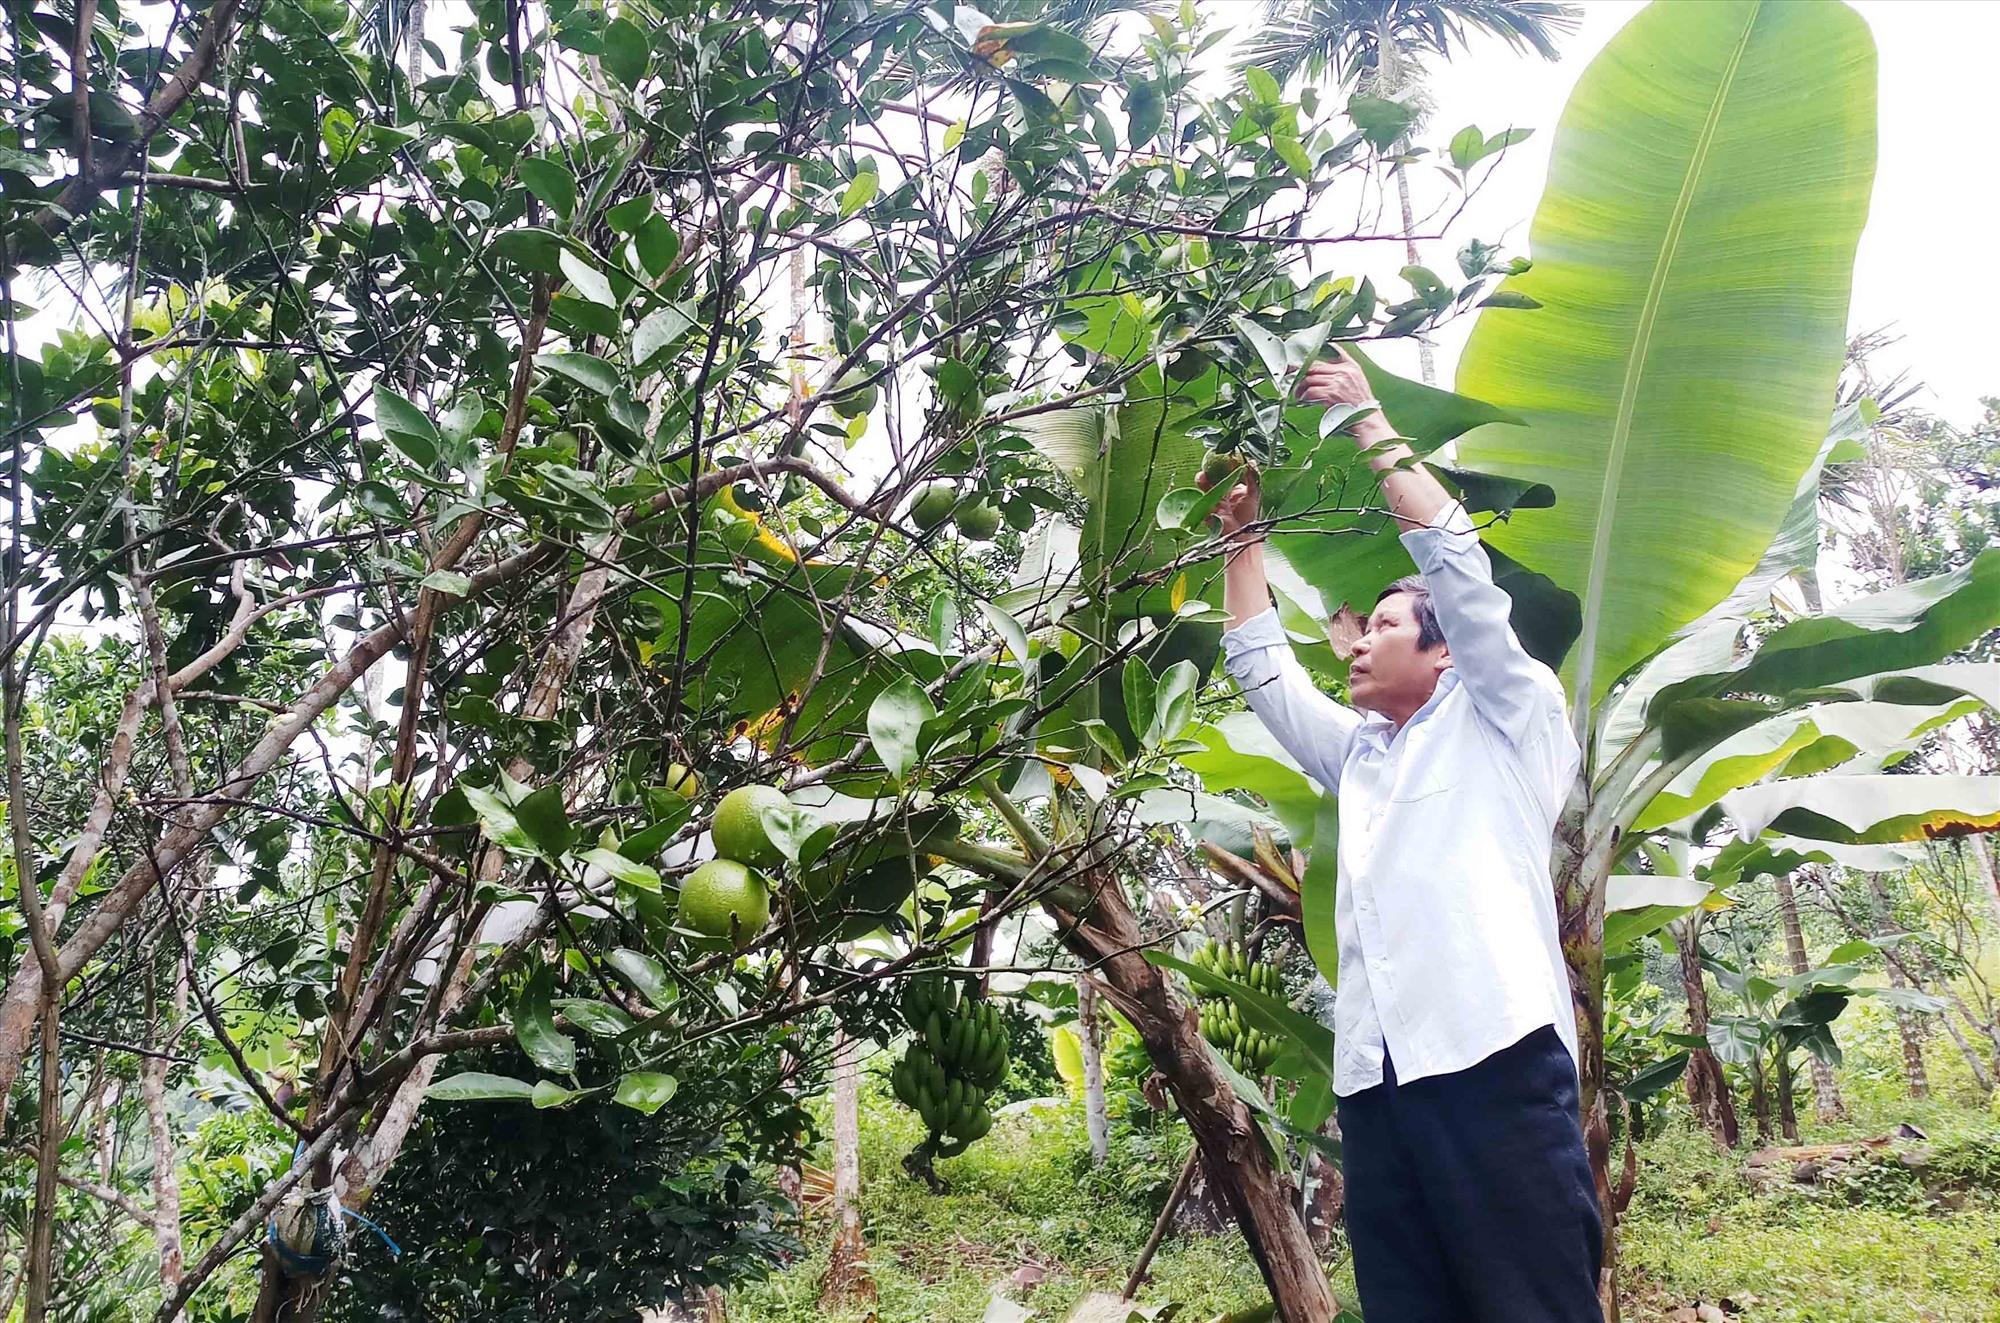 Mô hình trồng cam giấy của gia đình ông Phan Văn Tâm, thôn Tiên Tráng, Tiên Hà (Tiên Phước). Ảnh: H.H